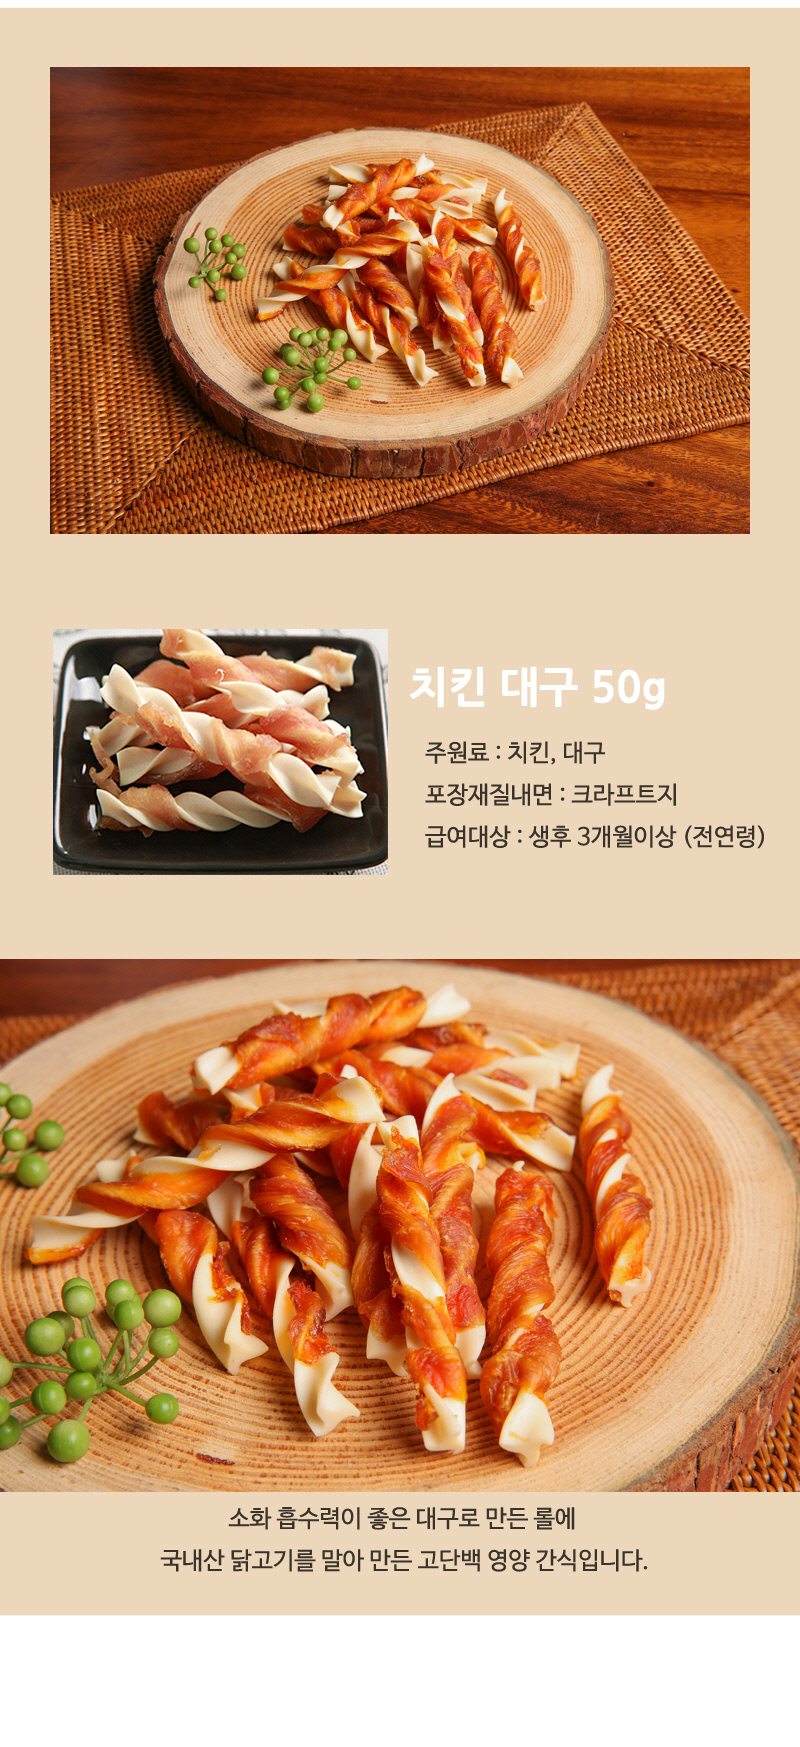 (국산) 애견수제간식 - 치킨대구 - 더 케이 펫, 3,800원, 간식/영양제, 수제간식